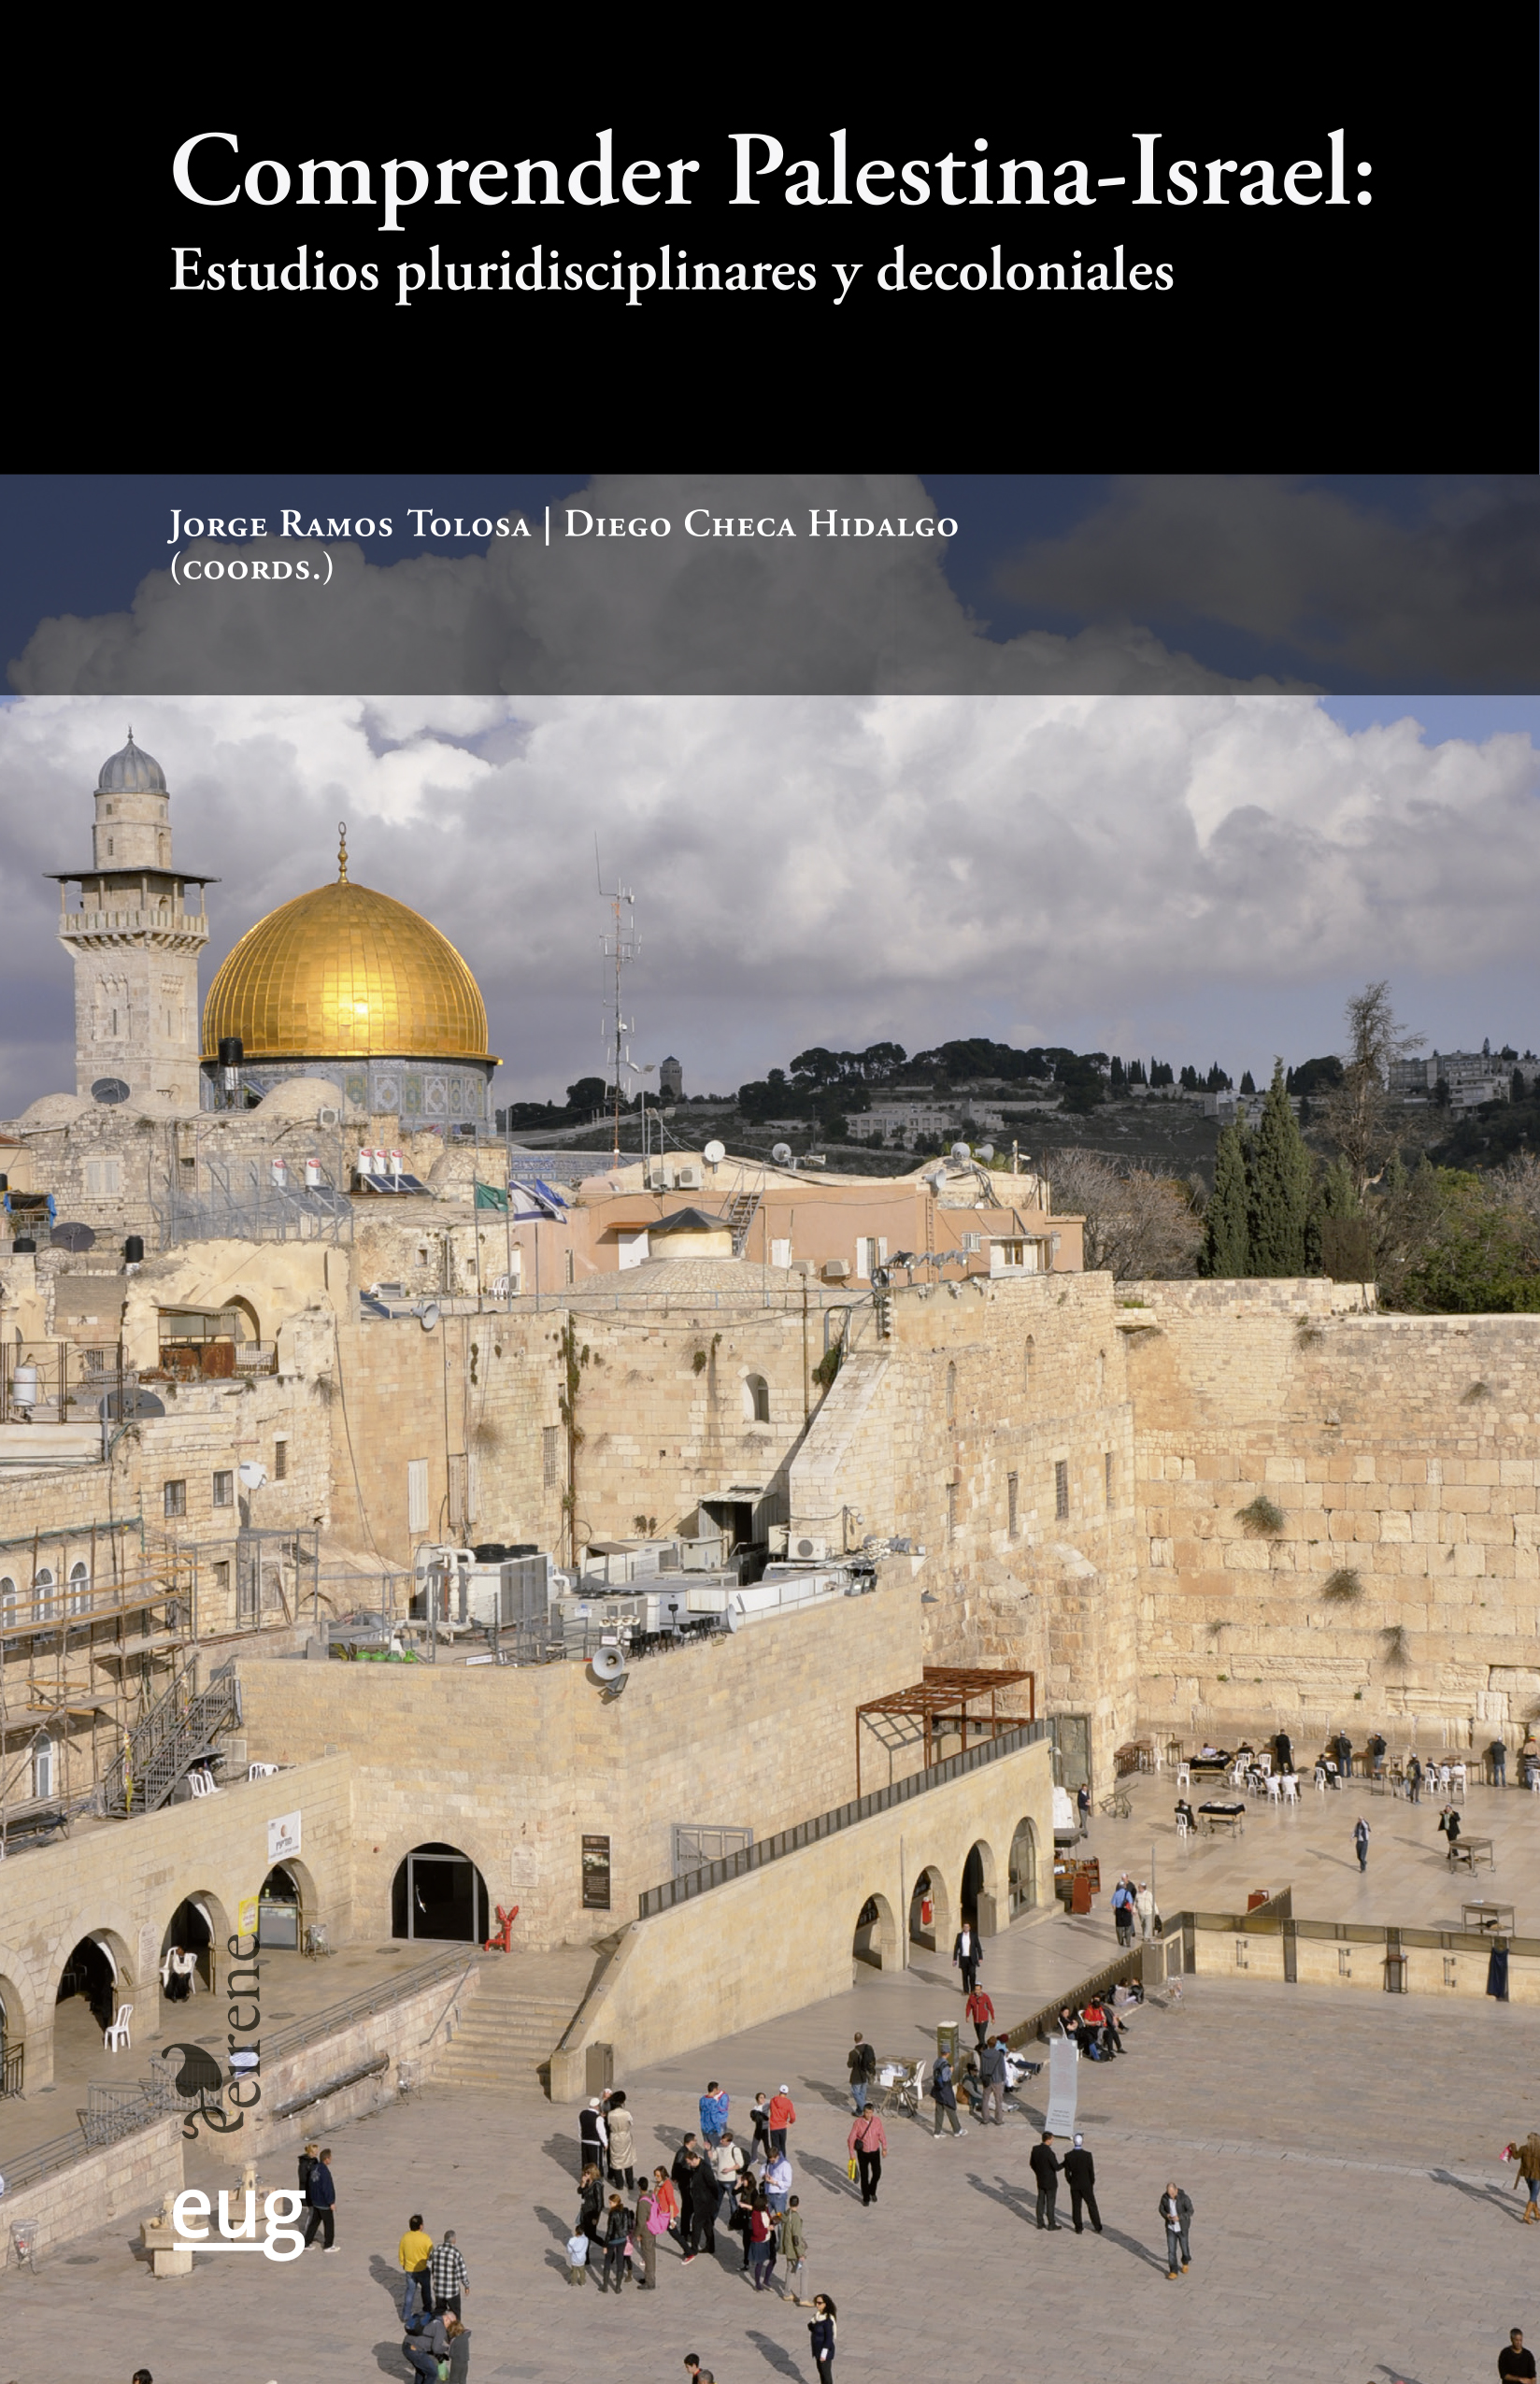 Comprender Palestina-Israel   «Estudios pluridisciplinares y decoloniales»